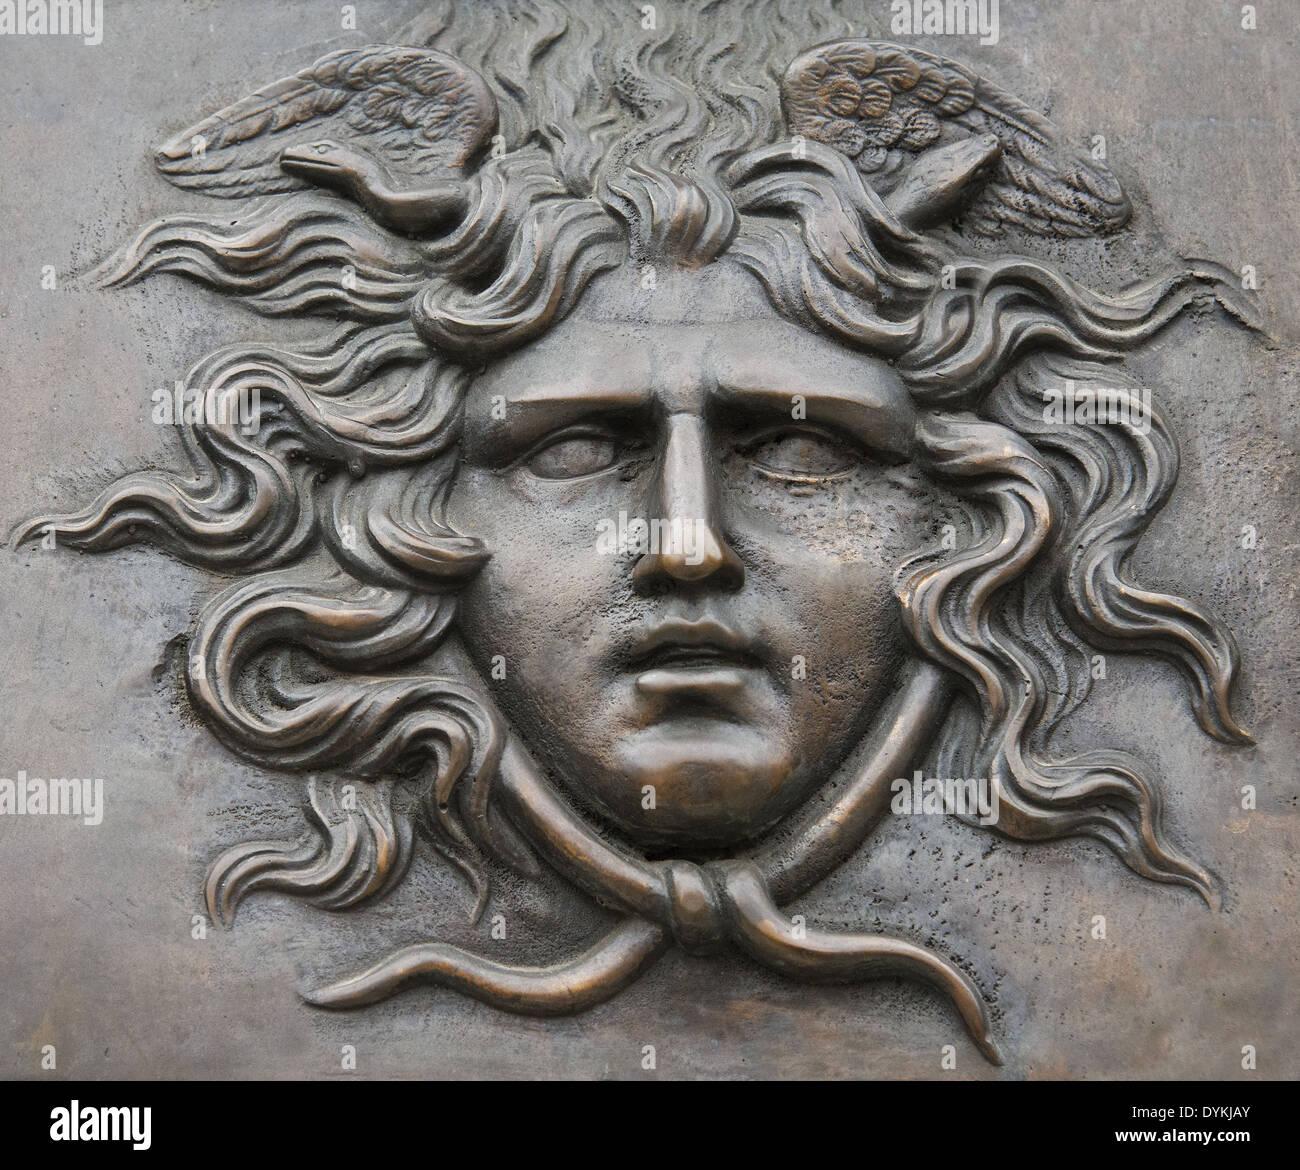 Tête de Méduse en bronze Photo Stock